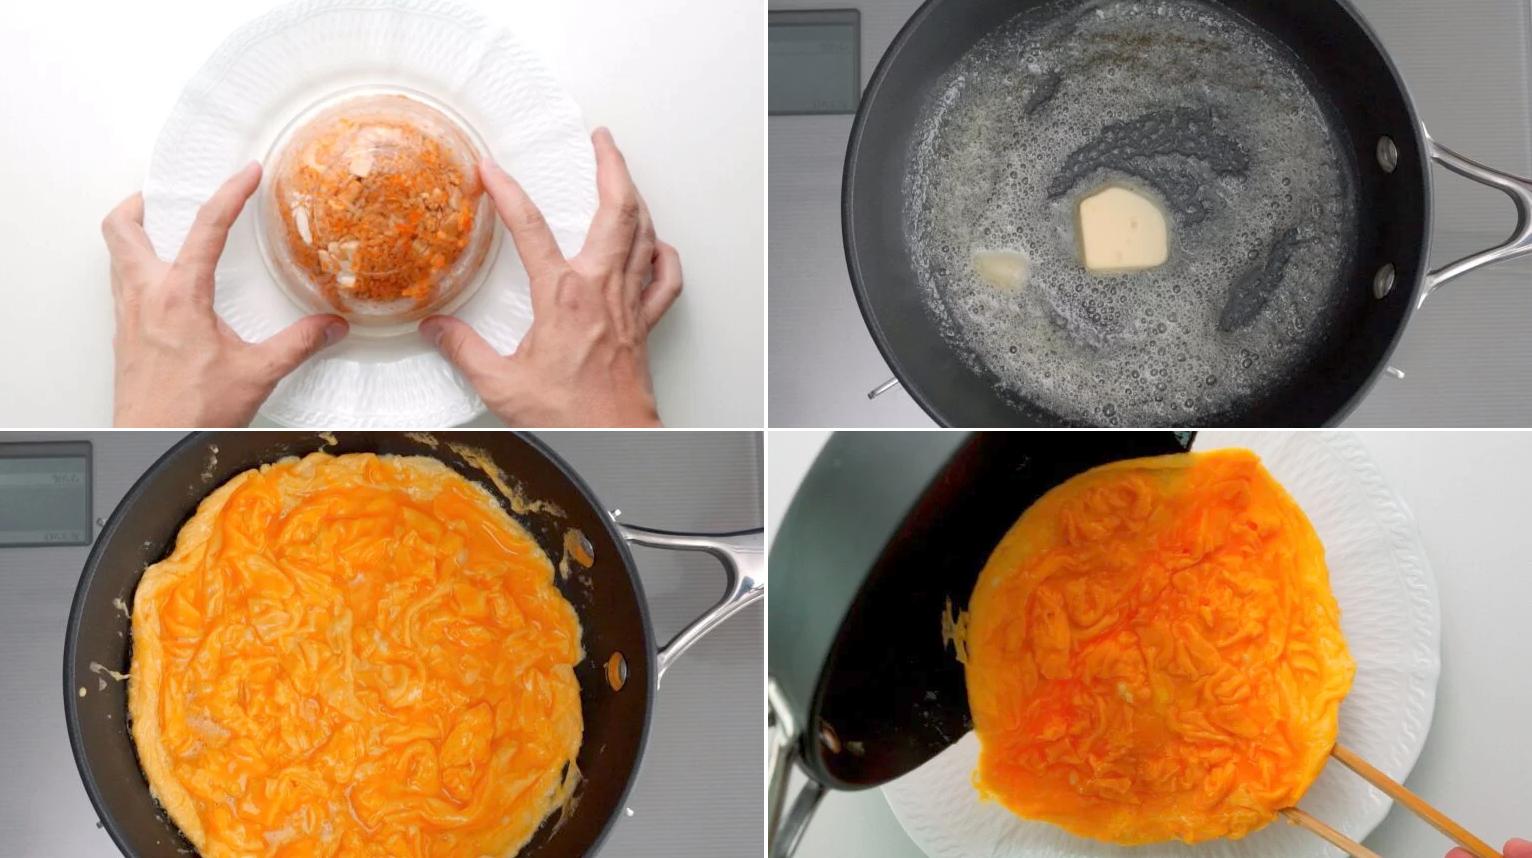 Học đầu bếp Nhật làm cơm chiên trứng ngon đẹp 'rụng rời'! - Ảnh 5